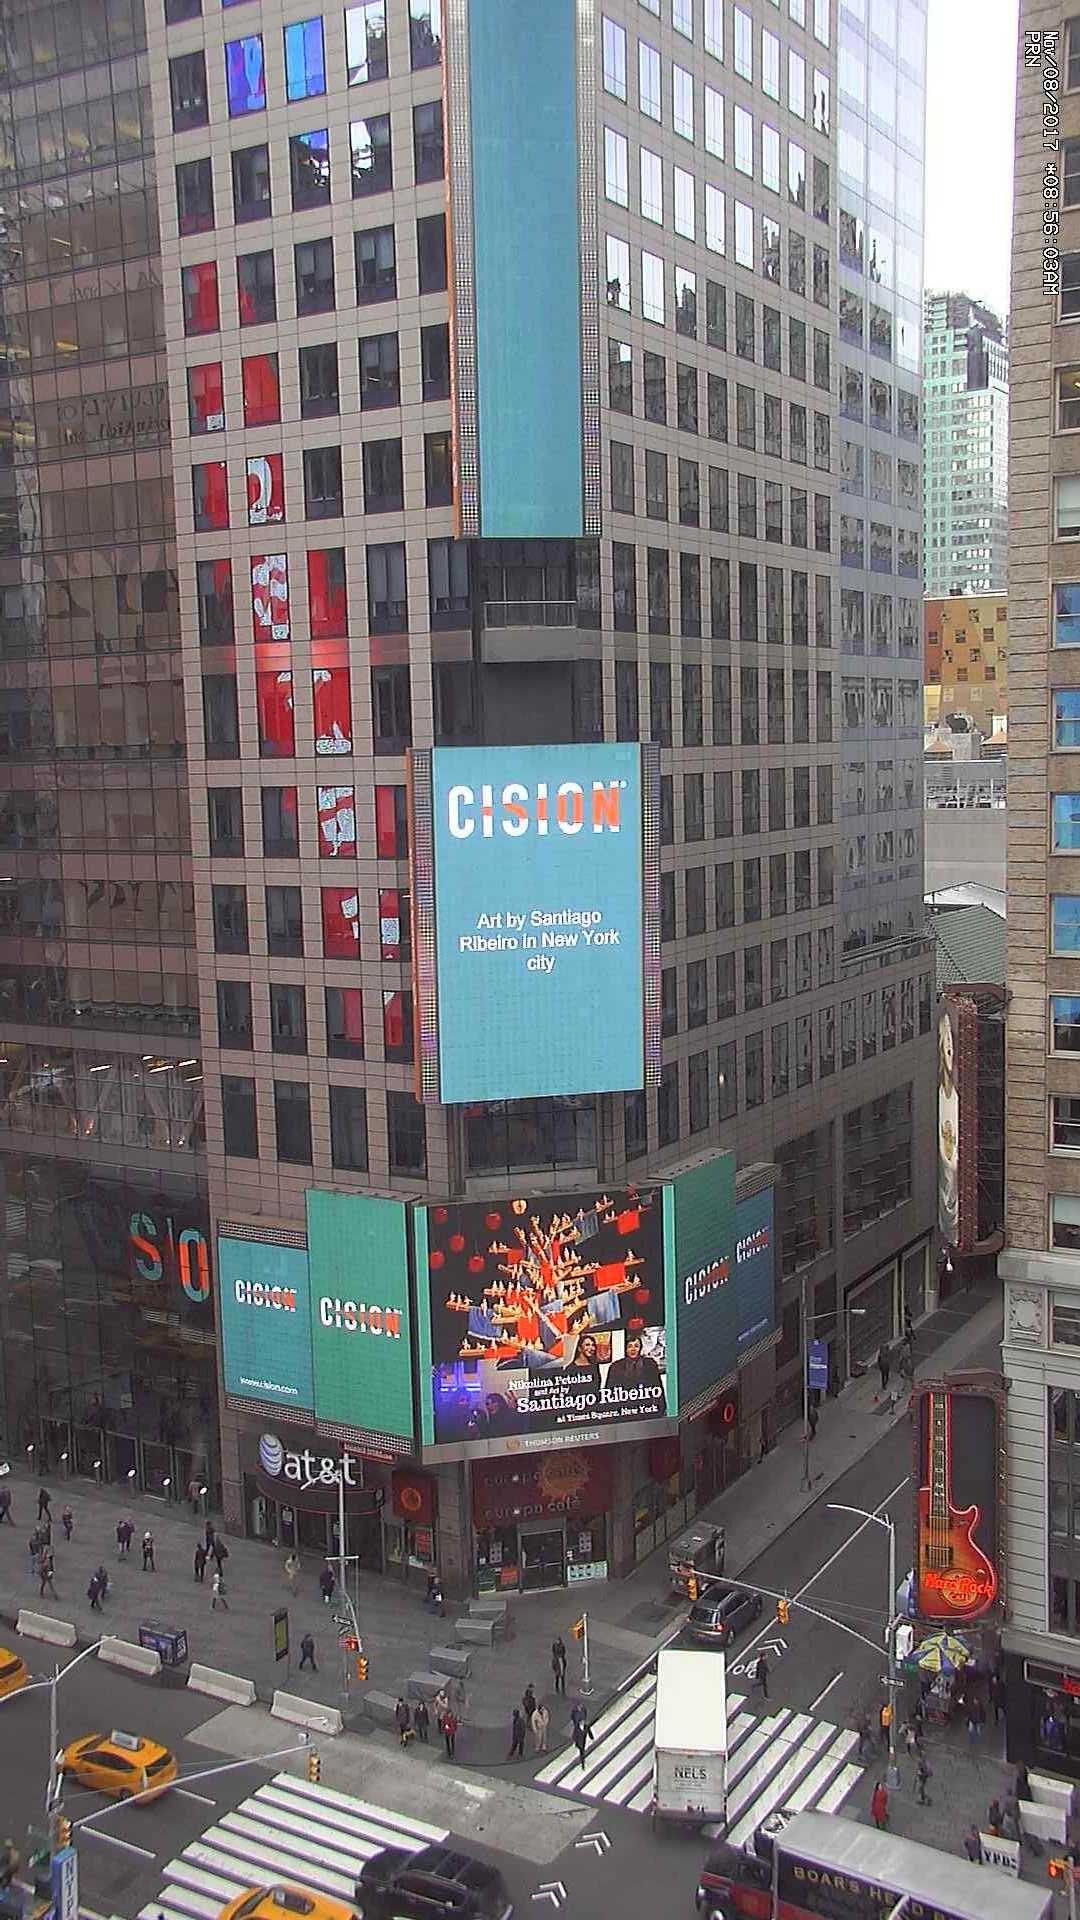 Fotografia Exposición de Santiago de Ribeiro en Times Square, Nueva